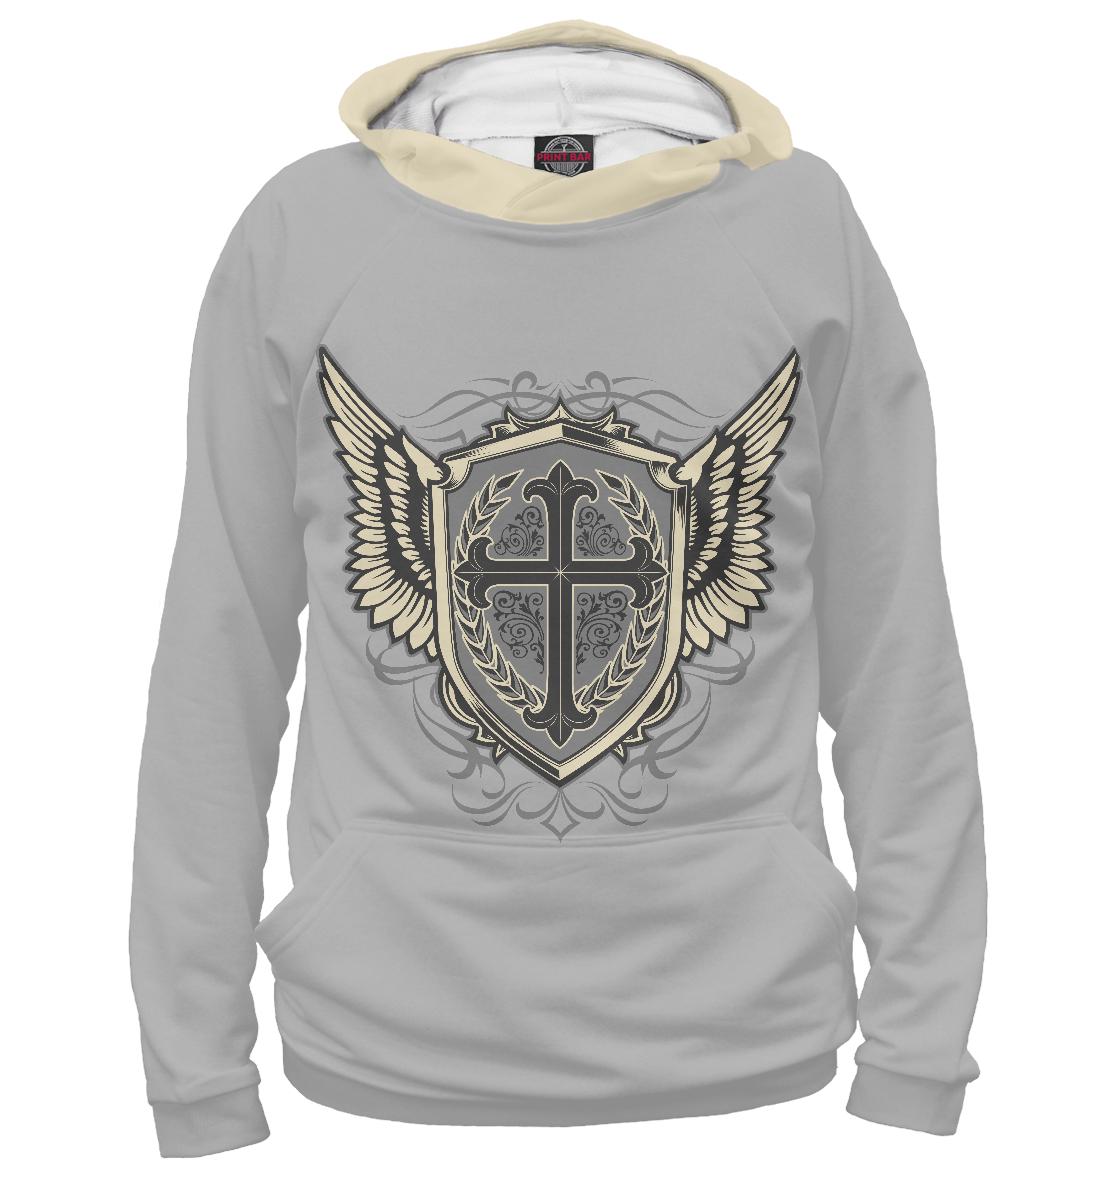 Купить Крест и крылья, Printbar, Худи, APD-296693-hud-1